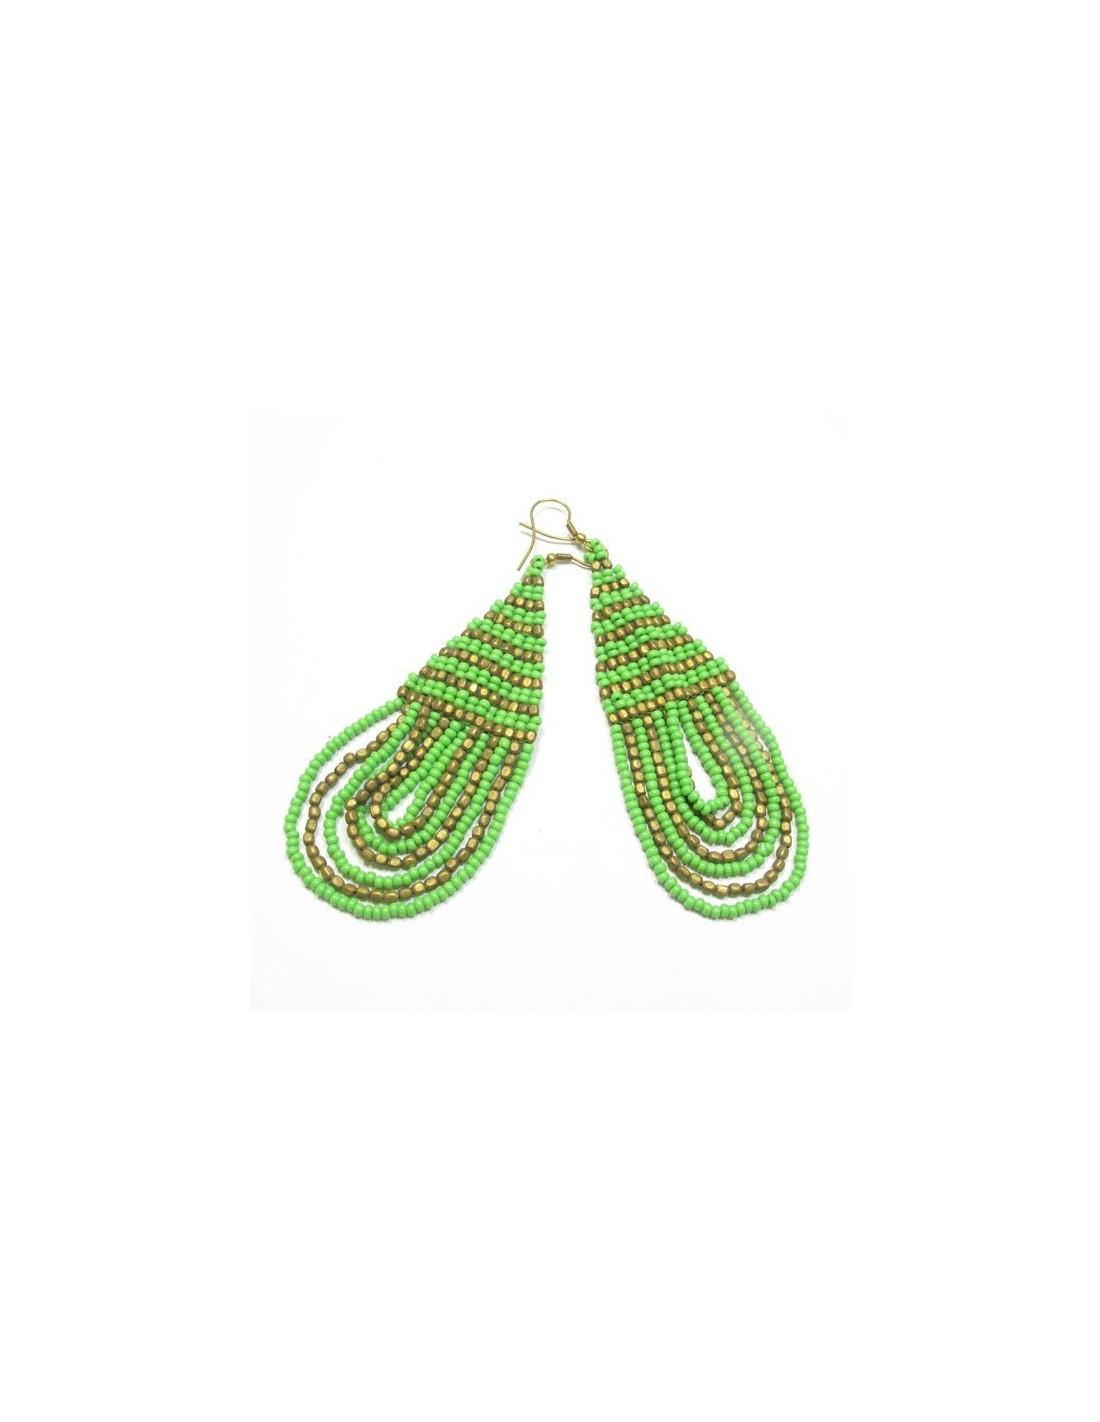 boucles d 39 oreilles vertes et dor es bijoux fantaisie en perles bo70. Black Bedroom Furniture Sets. Home Design Ideas